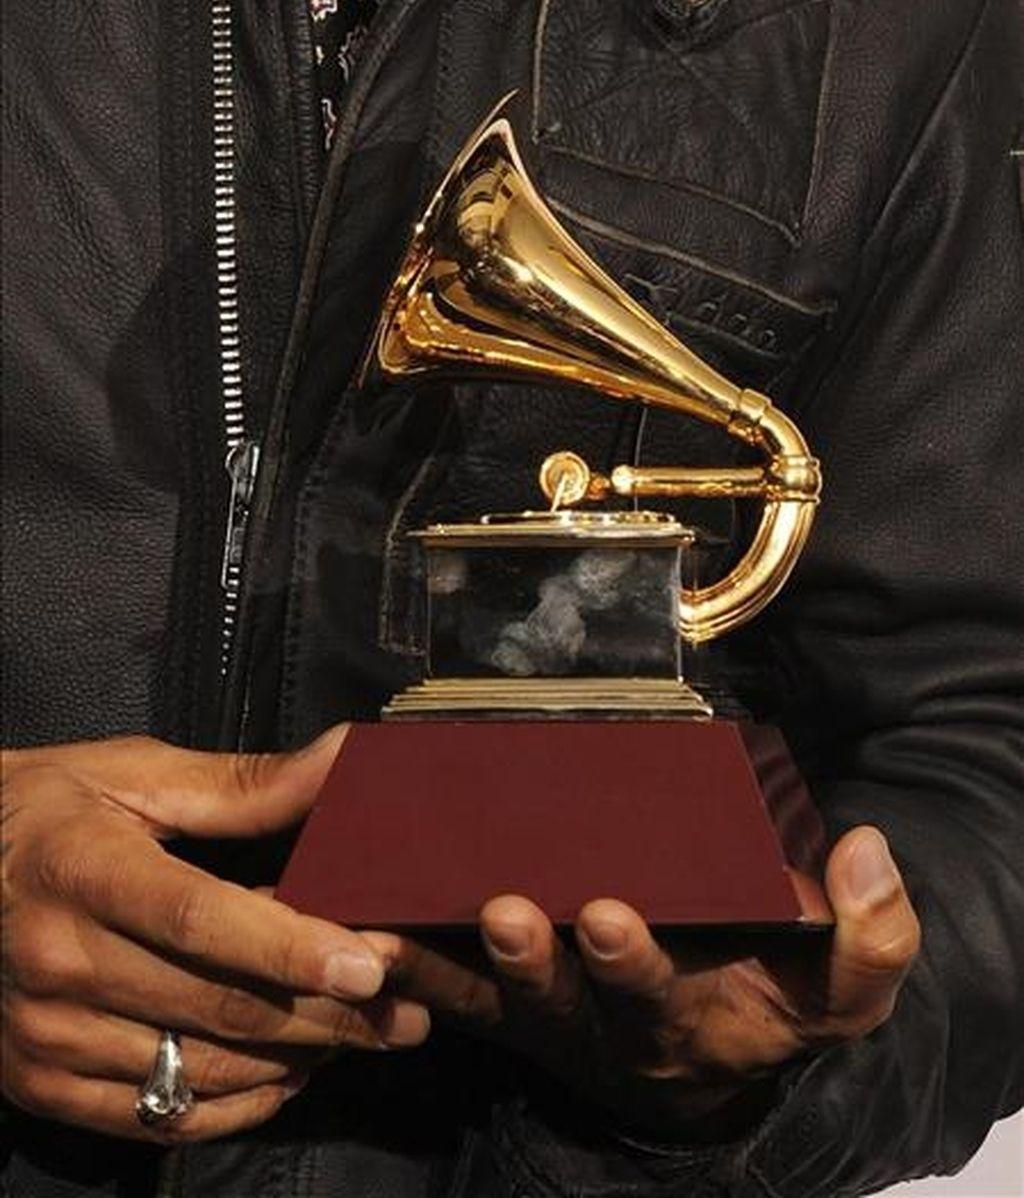 La ceremonia de los Grammy se celebrará el 13 de febrero en el Staples Center, de Los Ángeles. EFE/Archivo